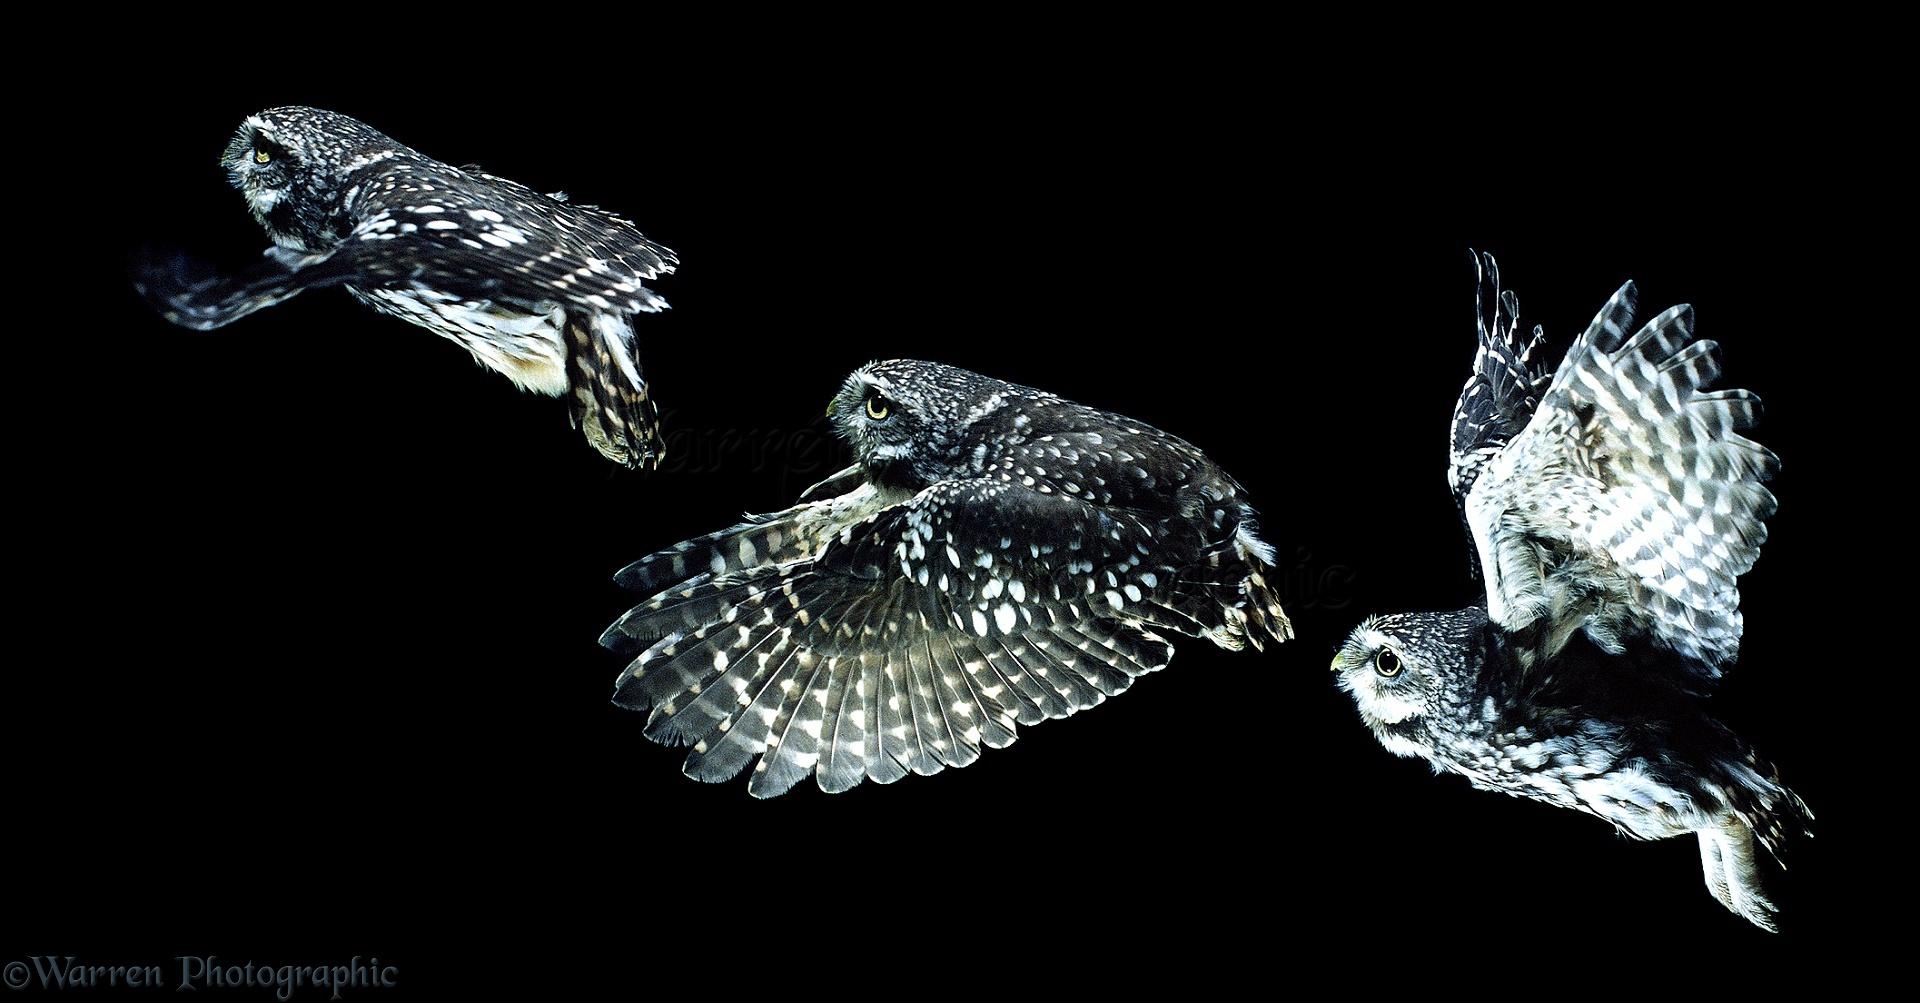 WP00637 Little Owl ( Athene noctua ) in flight. Multiple exposure.